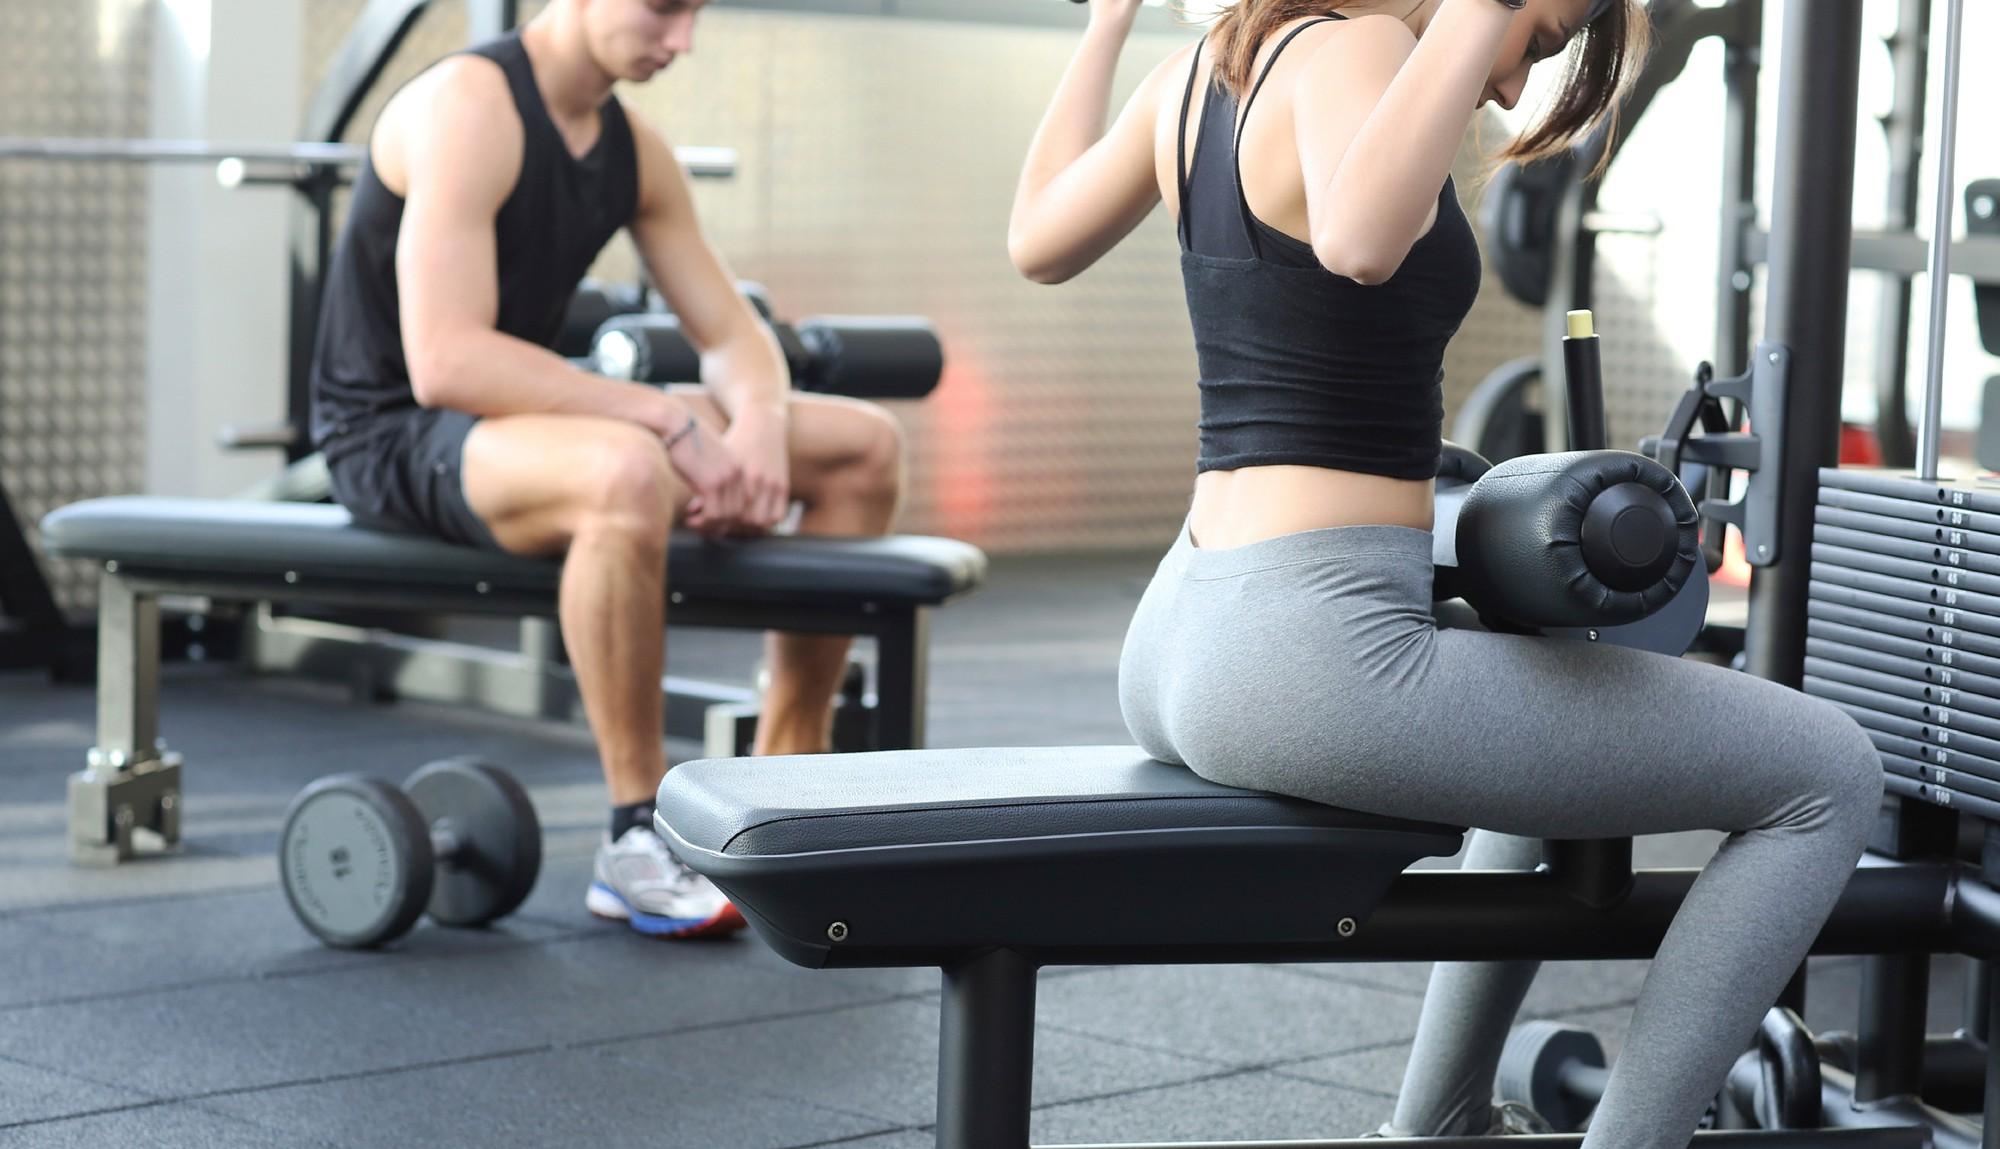 Cần bỏ ngay thói quen cố giảm cân nhanh bằng cách tập gym quá sức5